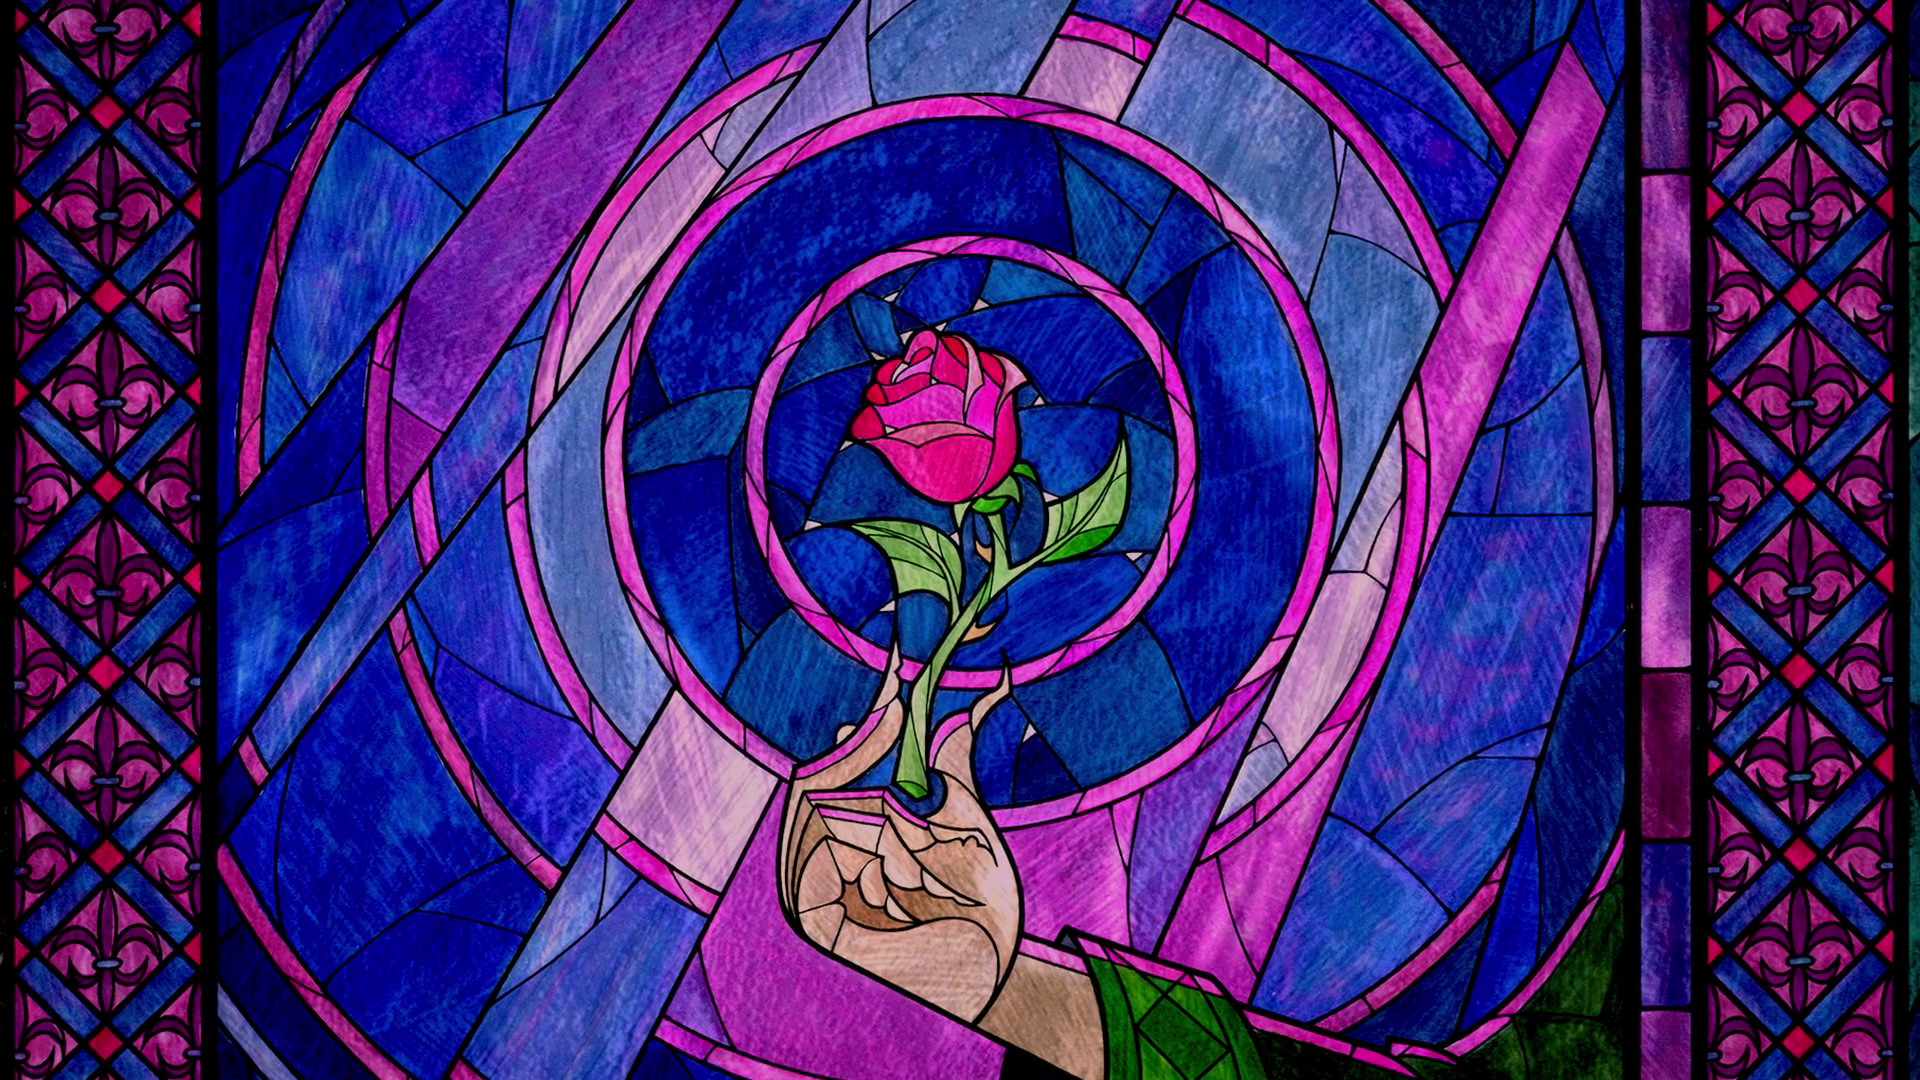 Image - Enchanted rose...